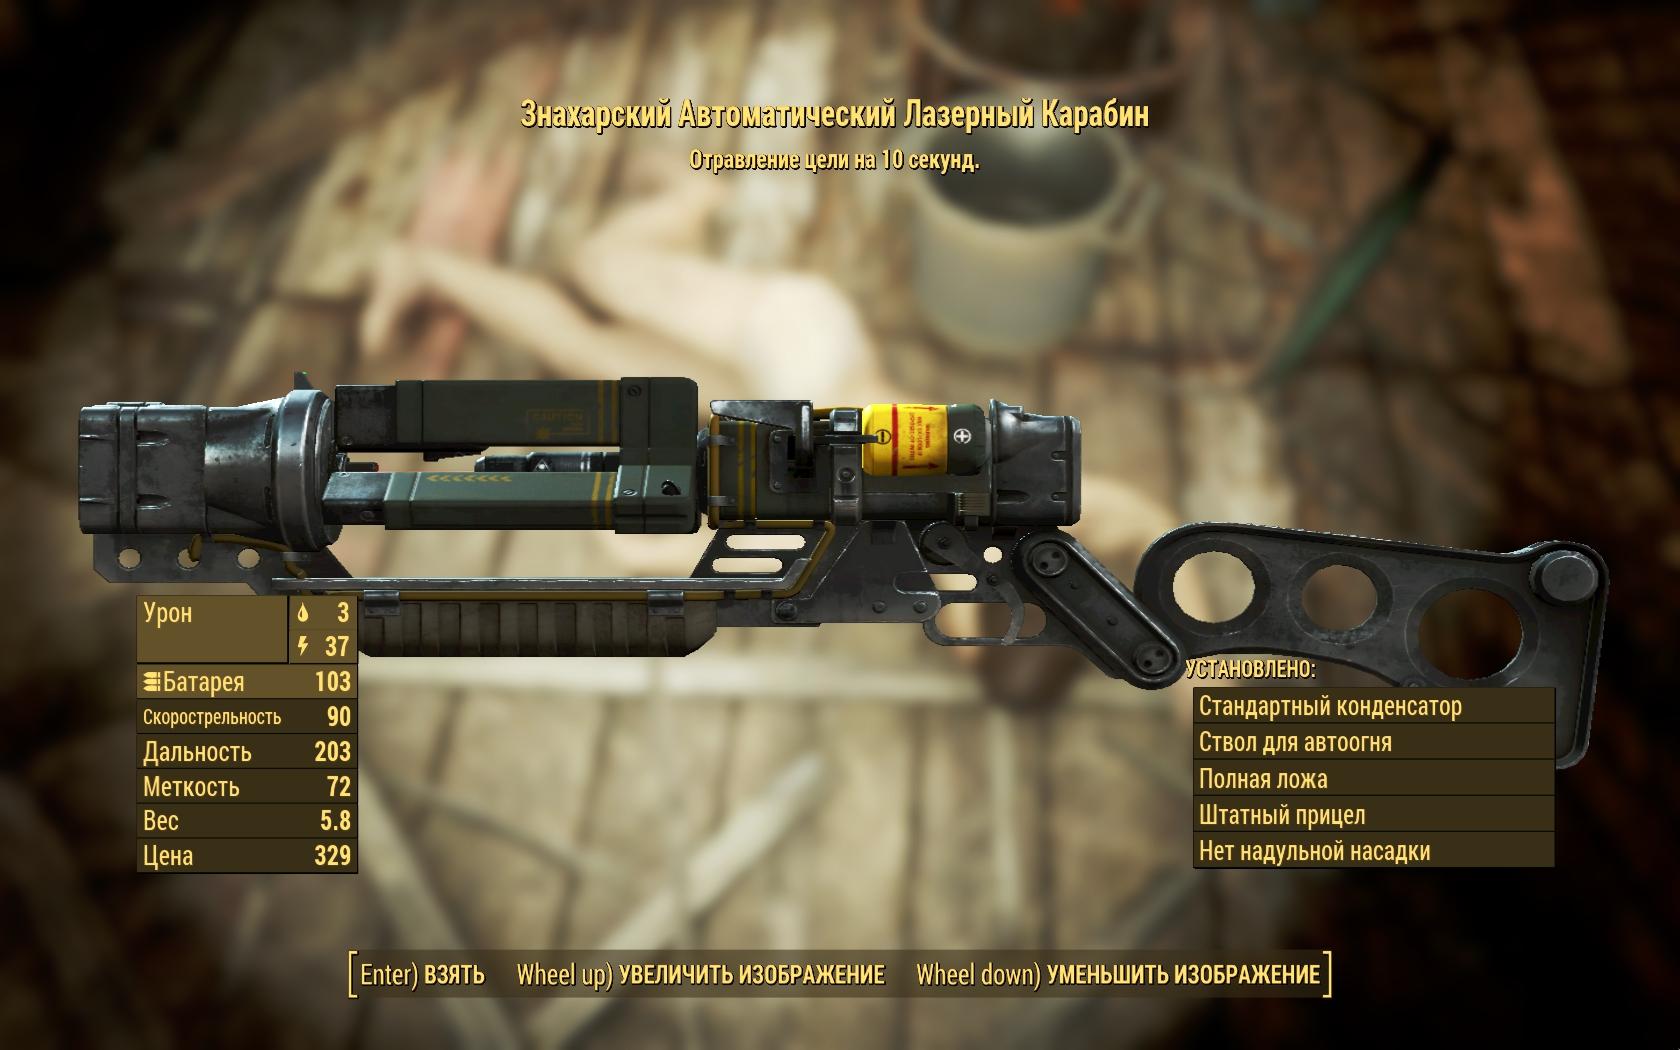 карабин - Fallout 4 автоматический, Знахарский, лазерный, Оружие